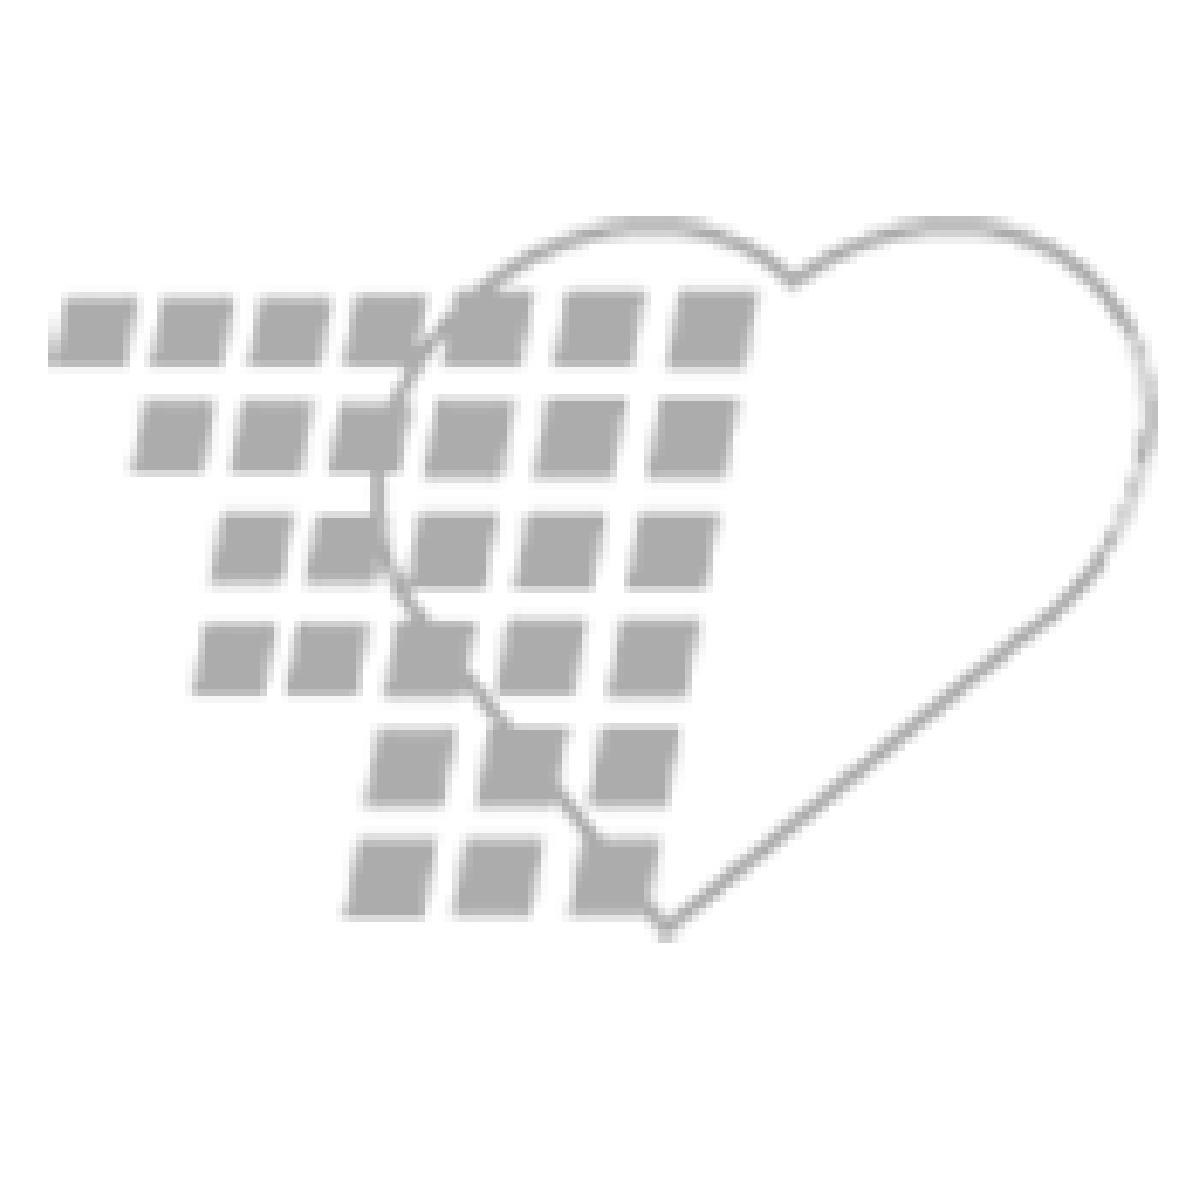 06-82-6121 Monoject™ 0.9% Sodium Chloride Flush Syringe - 10 mL